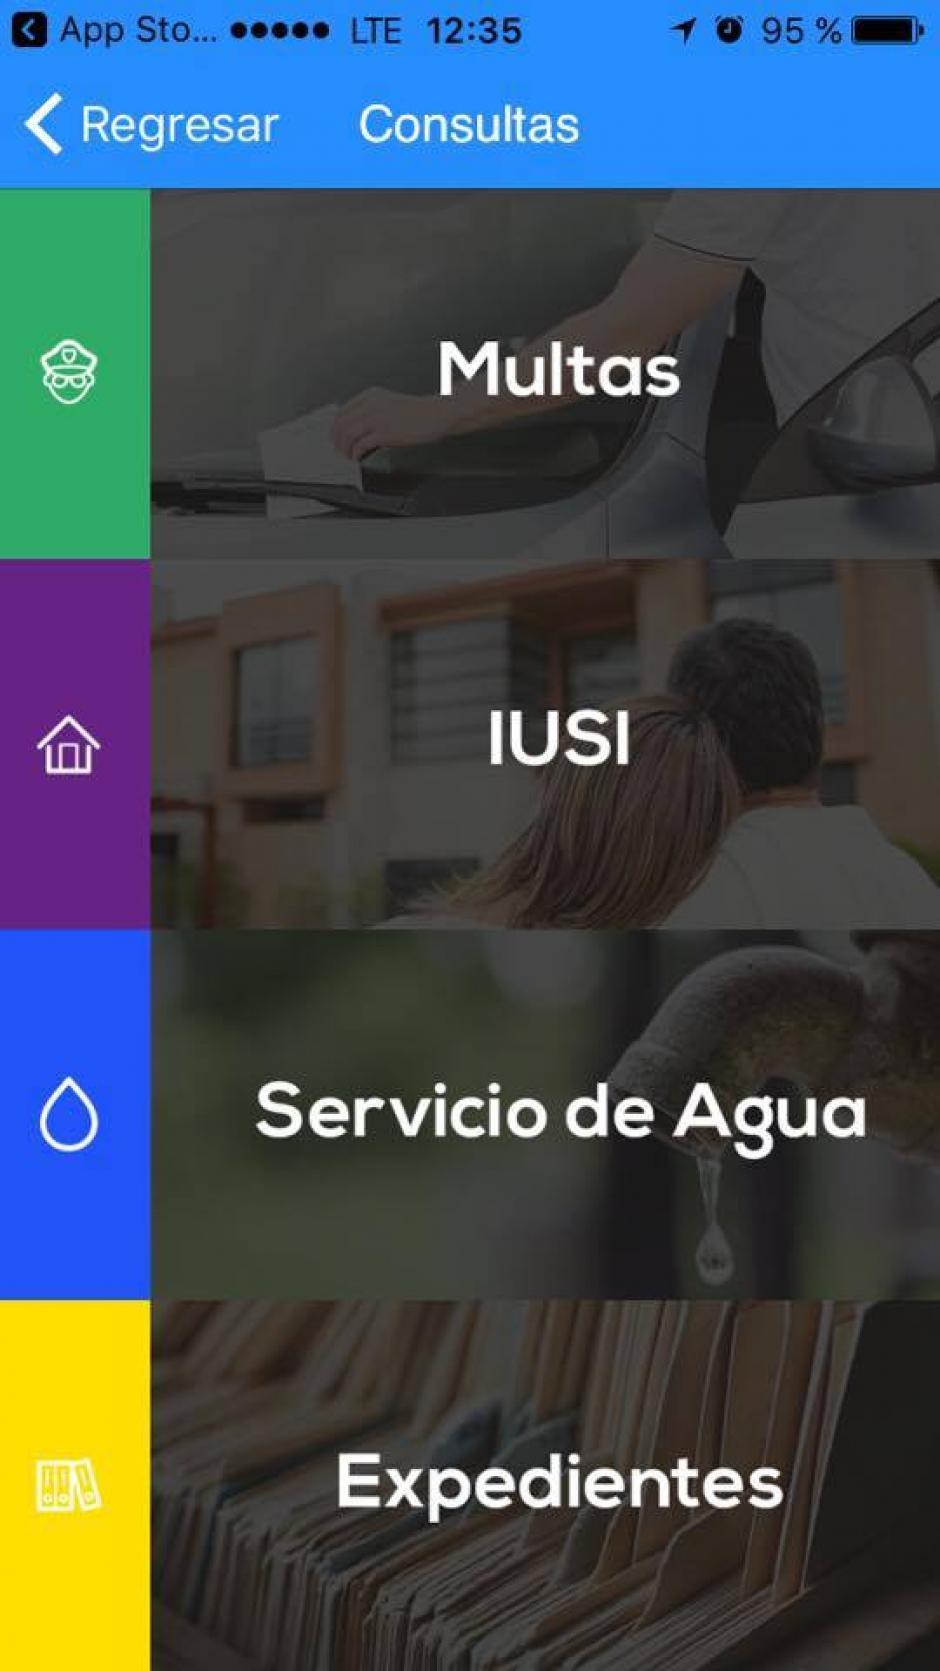 La idea es mejorar la comunicación entre los vecinos y las autoridades. (Imagen: captura de pantalla)